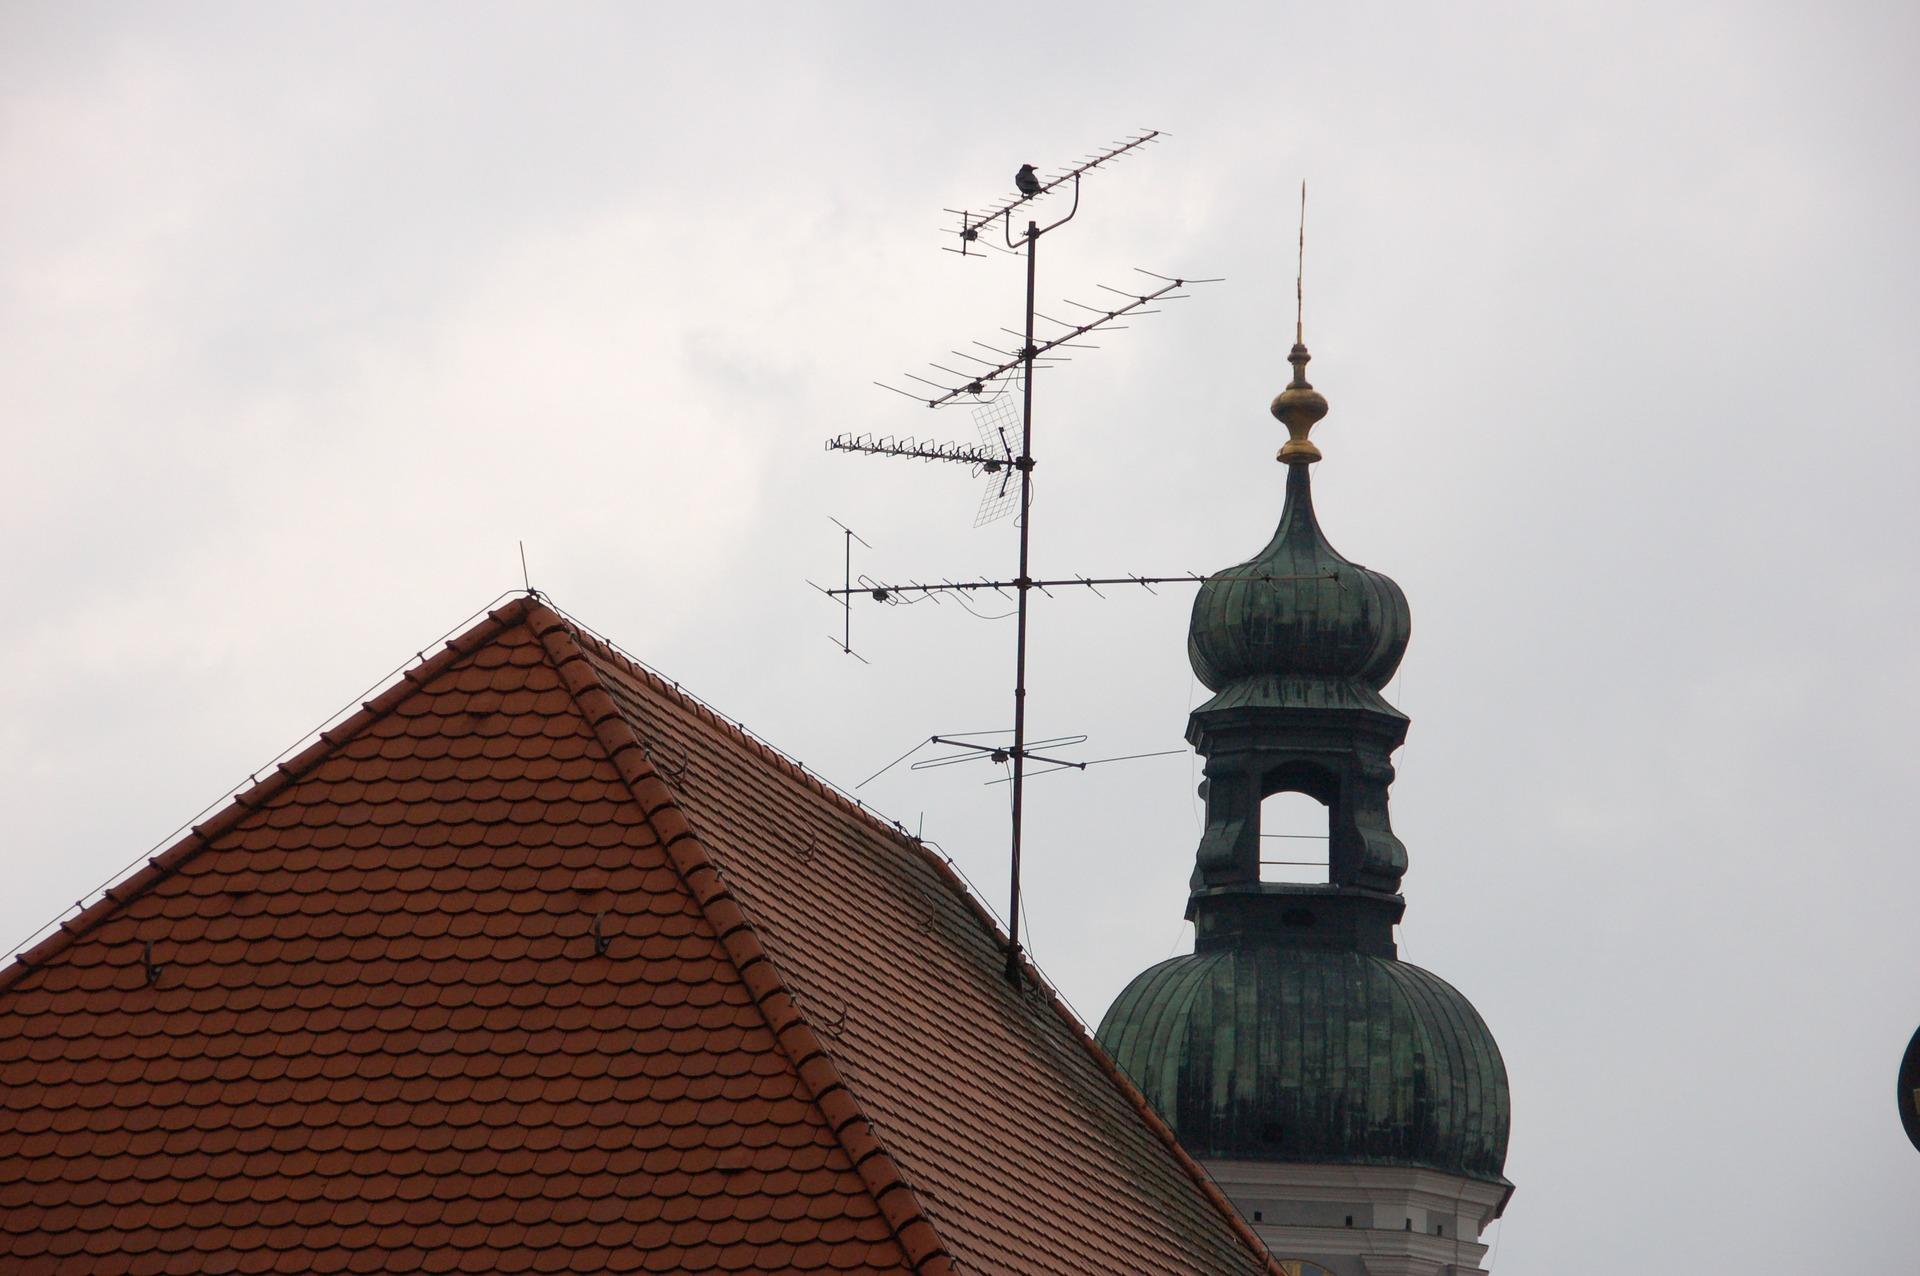 1. Juli 2017: Das Ende für kostenloses Privat-TV mit Antenne – 3-Monats-Frist abgelaufen – 69 Euro im Jahr fällig